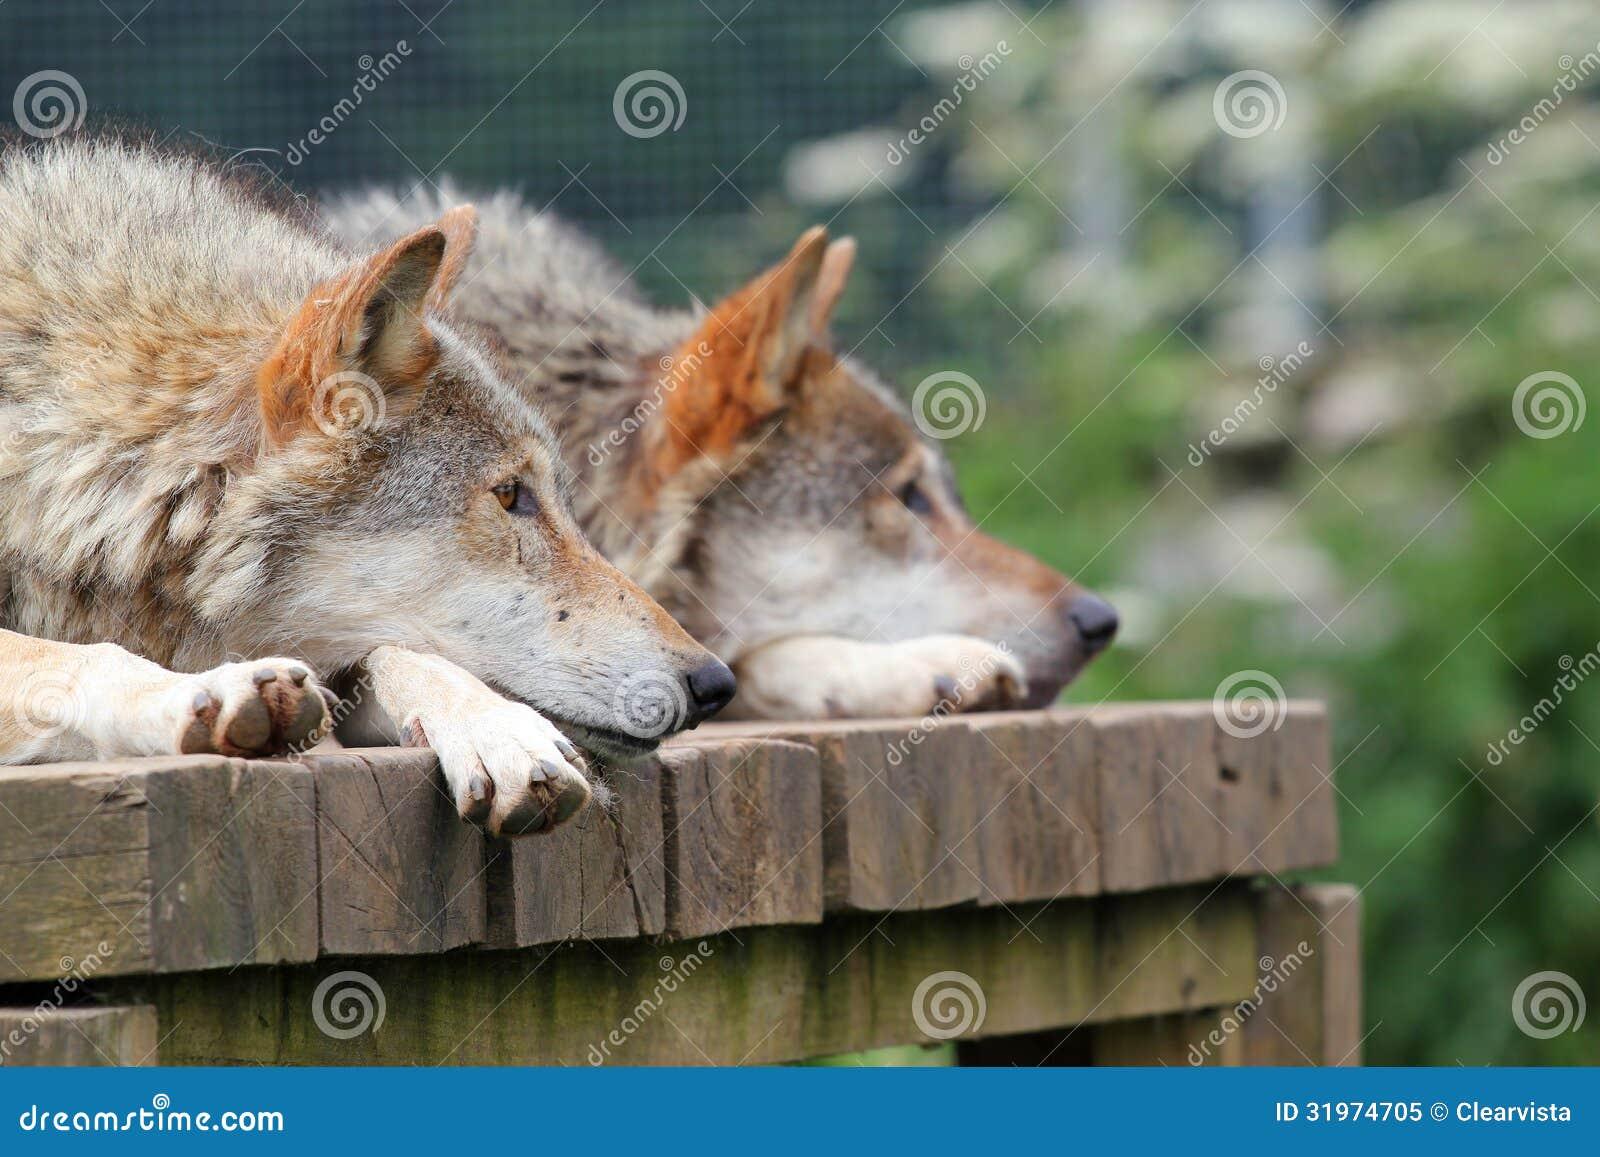 Wolf lying on back - photo#27